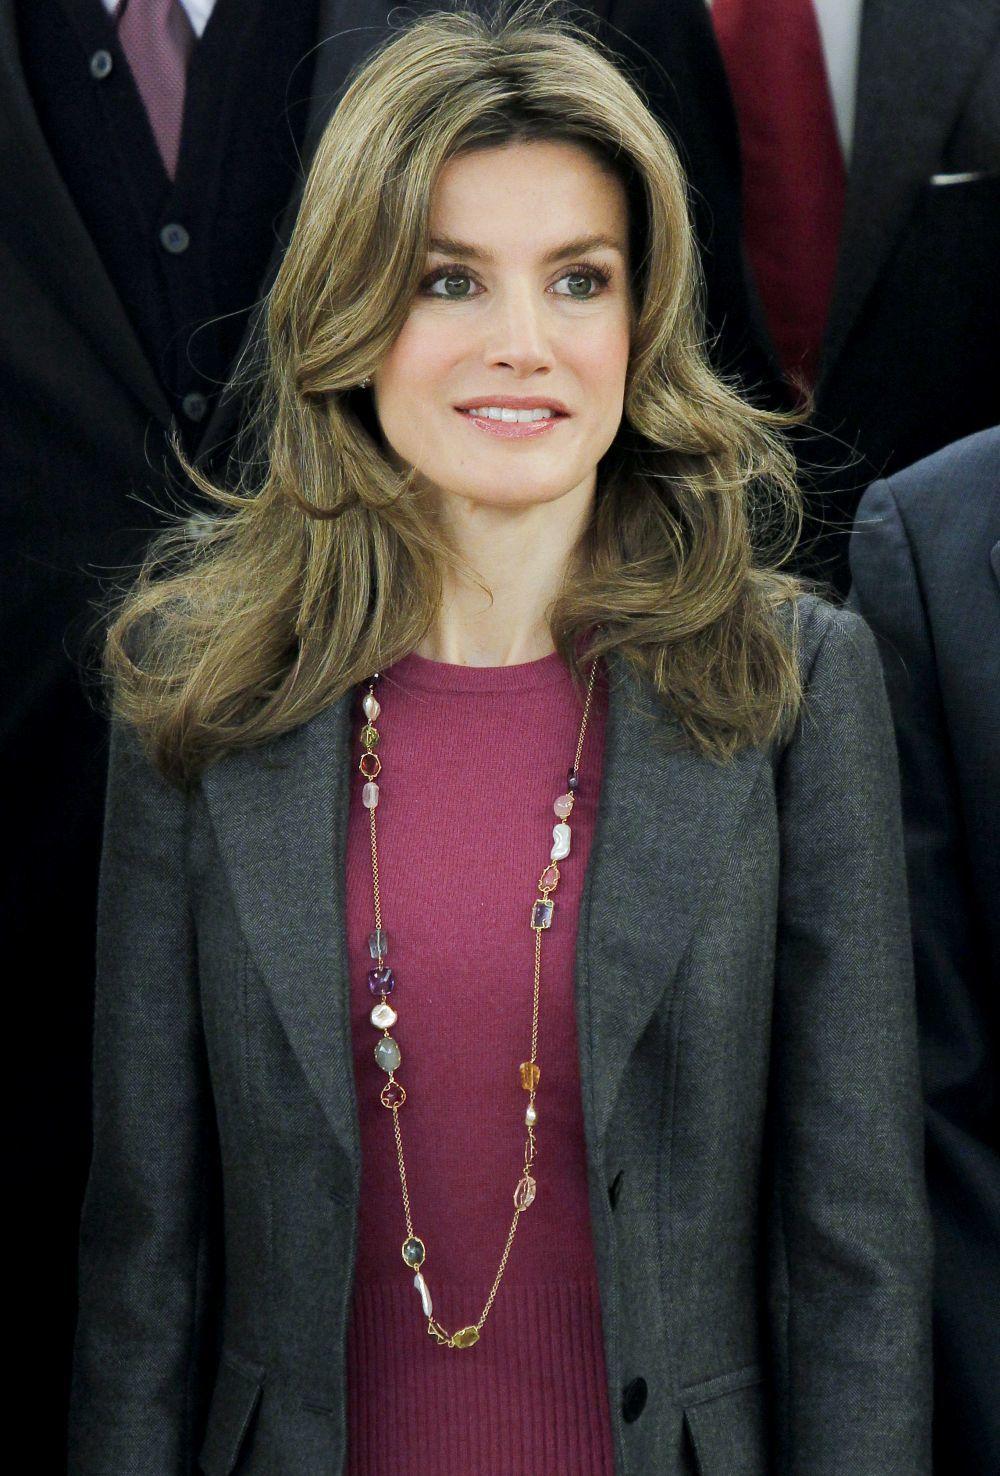 La Reina Letizia en 2011 con unas mechas plata mucho más marcadas y...